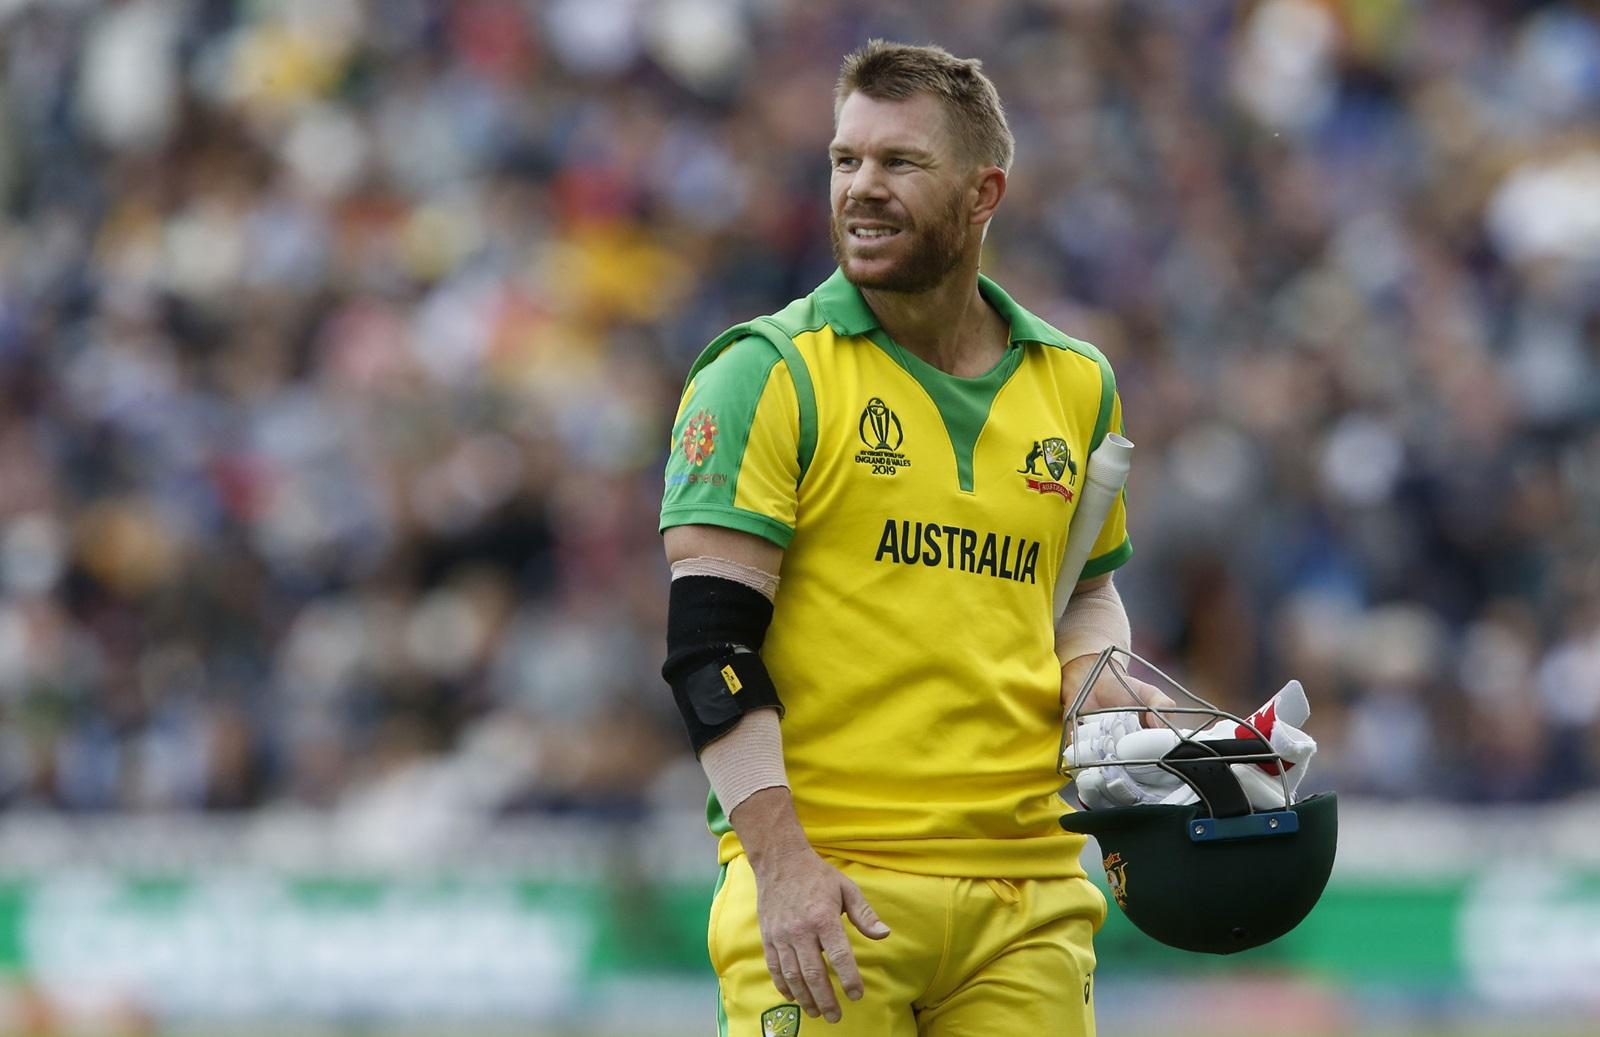 Waugh Tips Warner To Prosper In Knockout Stages Cricket Com Au